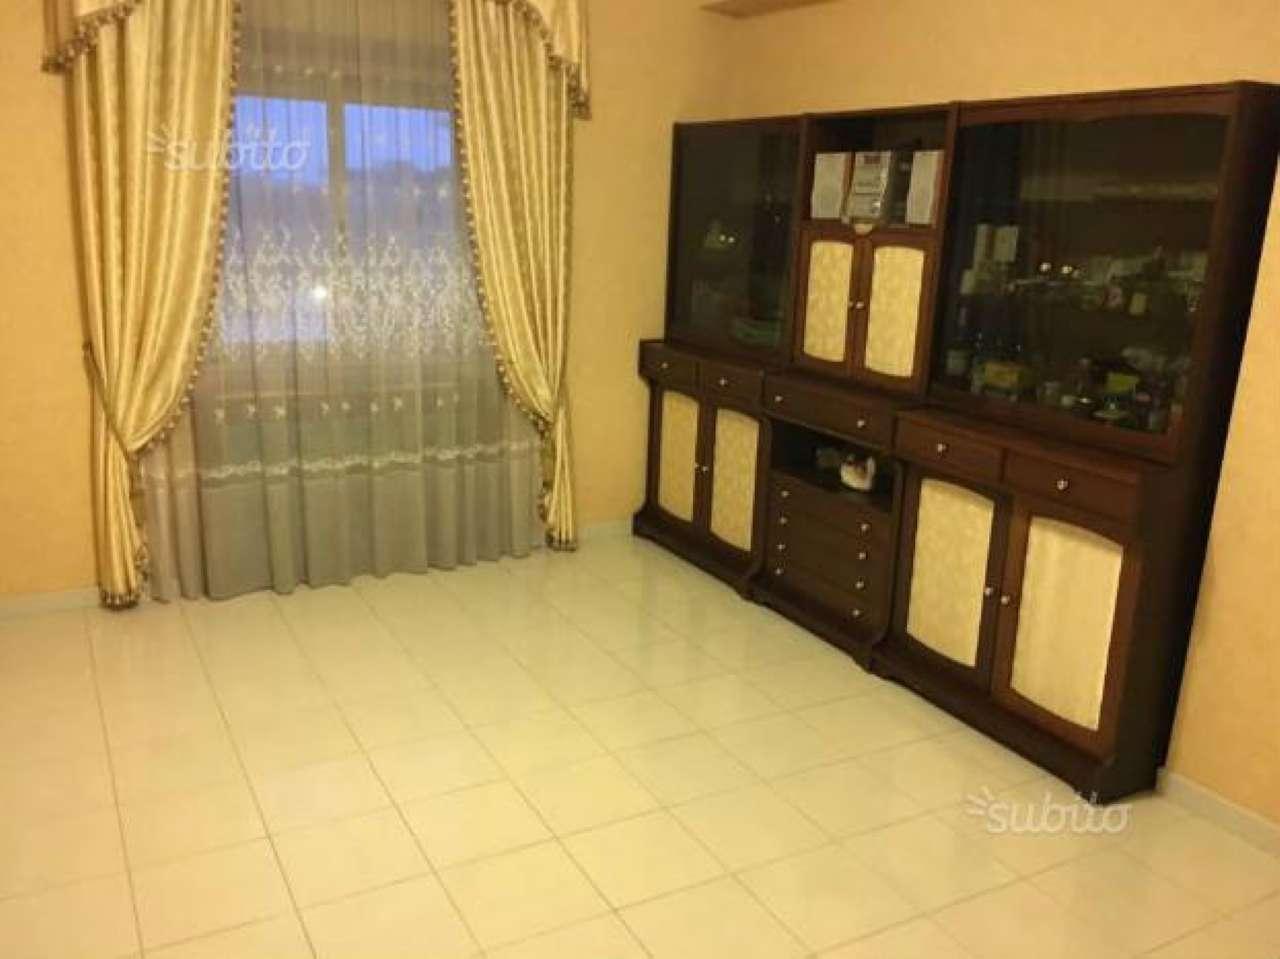 Appartamento in vendita a Giugliano in Campania, 5 locali, prezzo € 88.000 | Cambio Casa.it